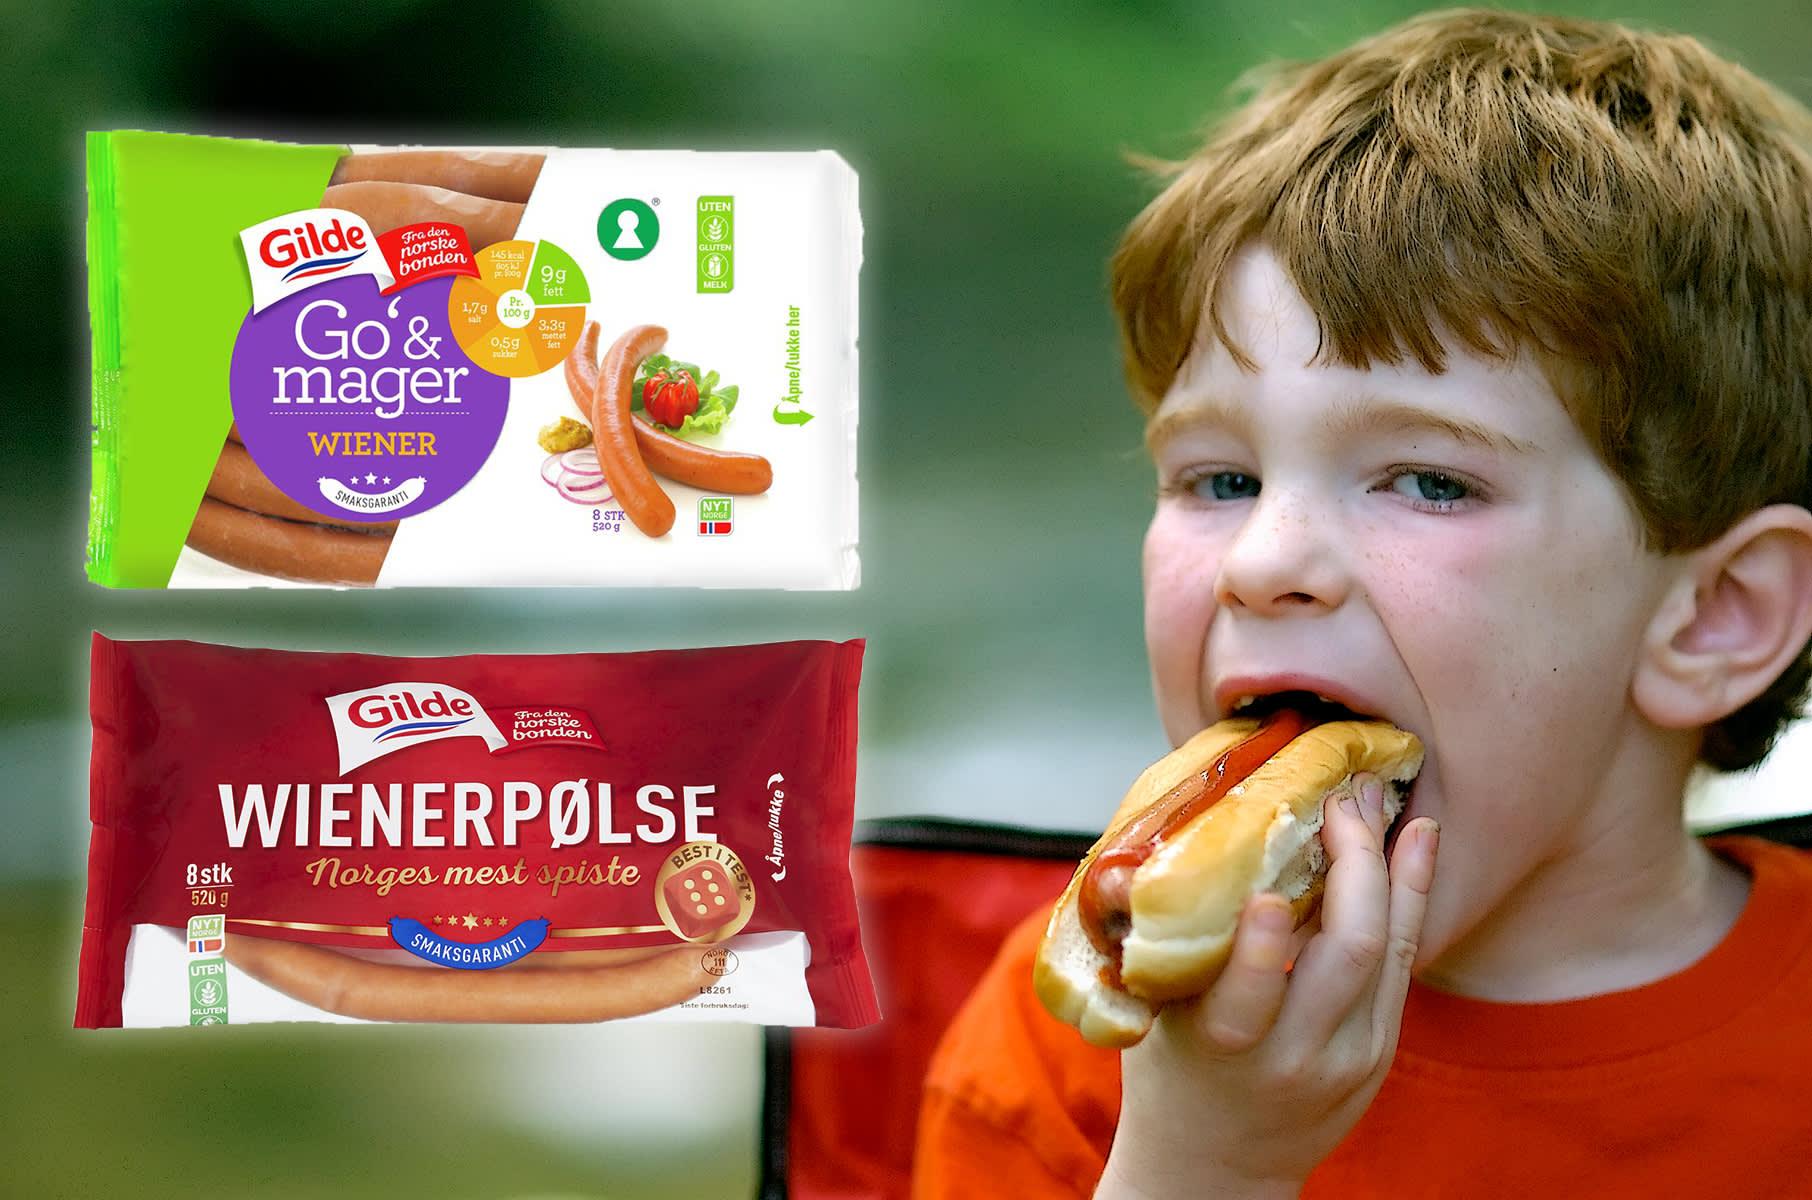 Gilde Go´& mager wienerpølse og Gilde wienerpølse er begge uten både gluten og melk, og er et trygt valg i barnebursdag. FOTO: montasje produsent/iStock